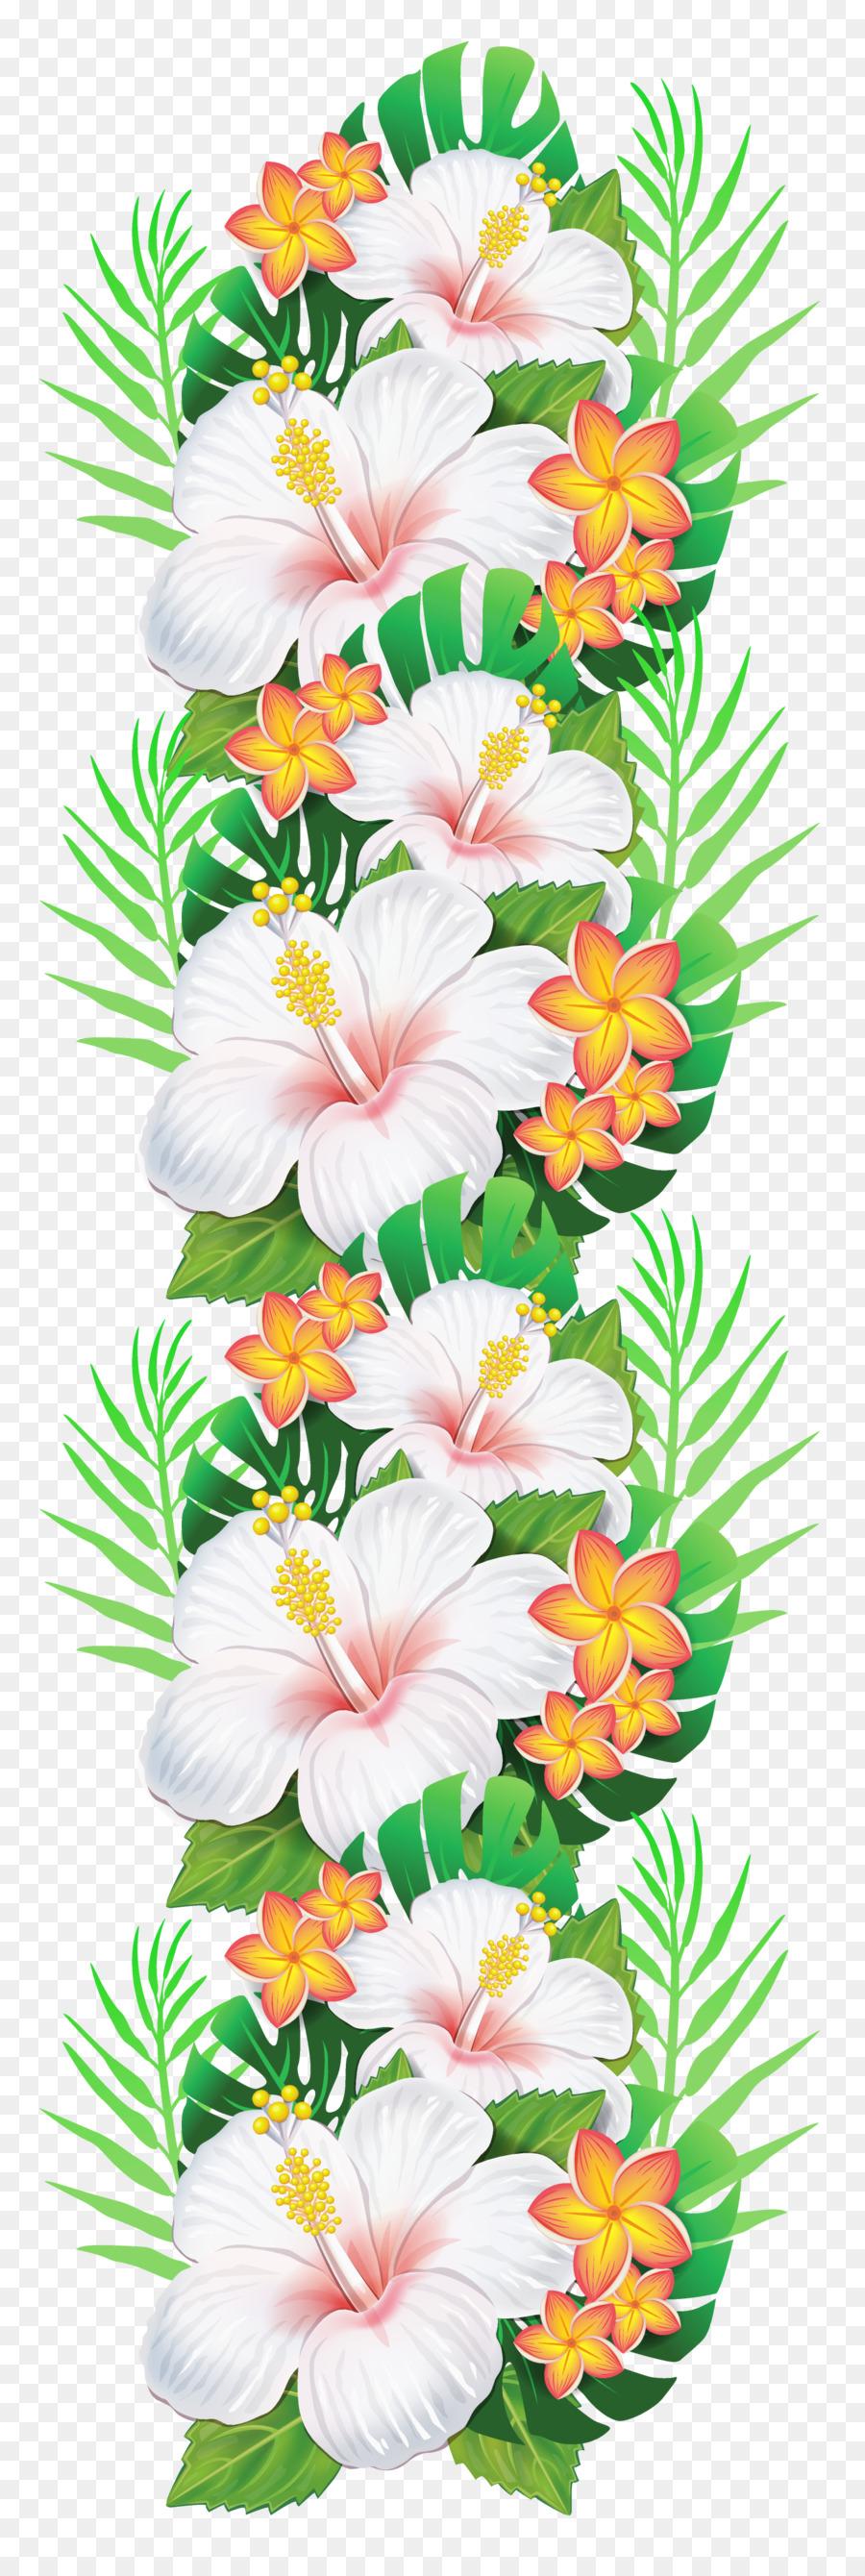 Flower garland clip art tropical flower png download 16384842 flower garland clip art tropical flower izmirmasajfo